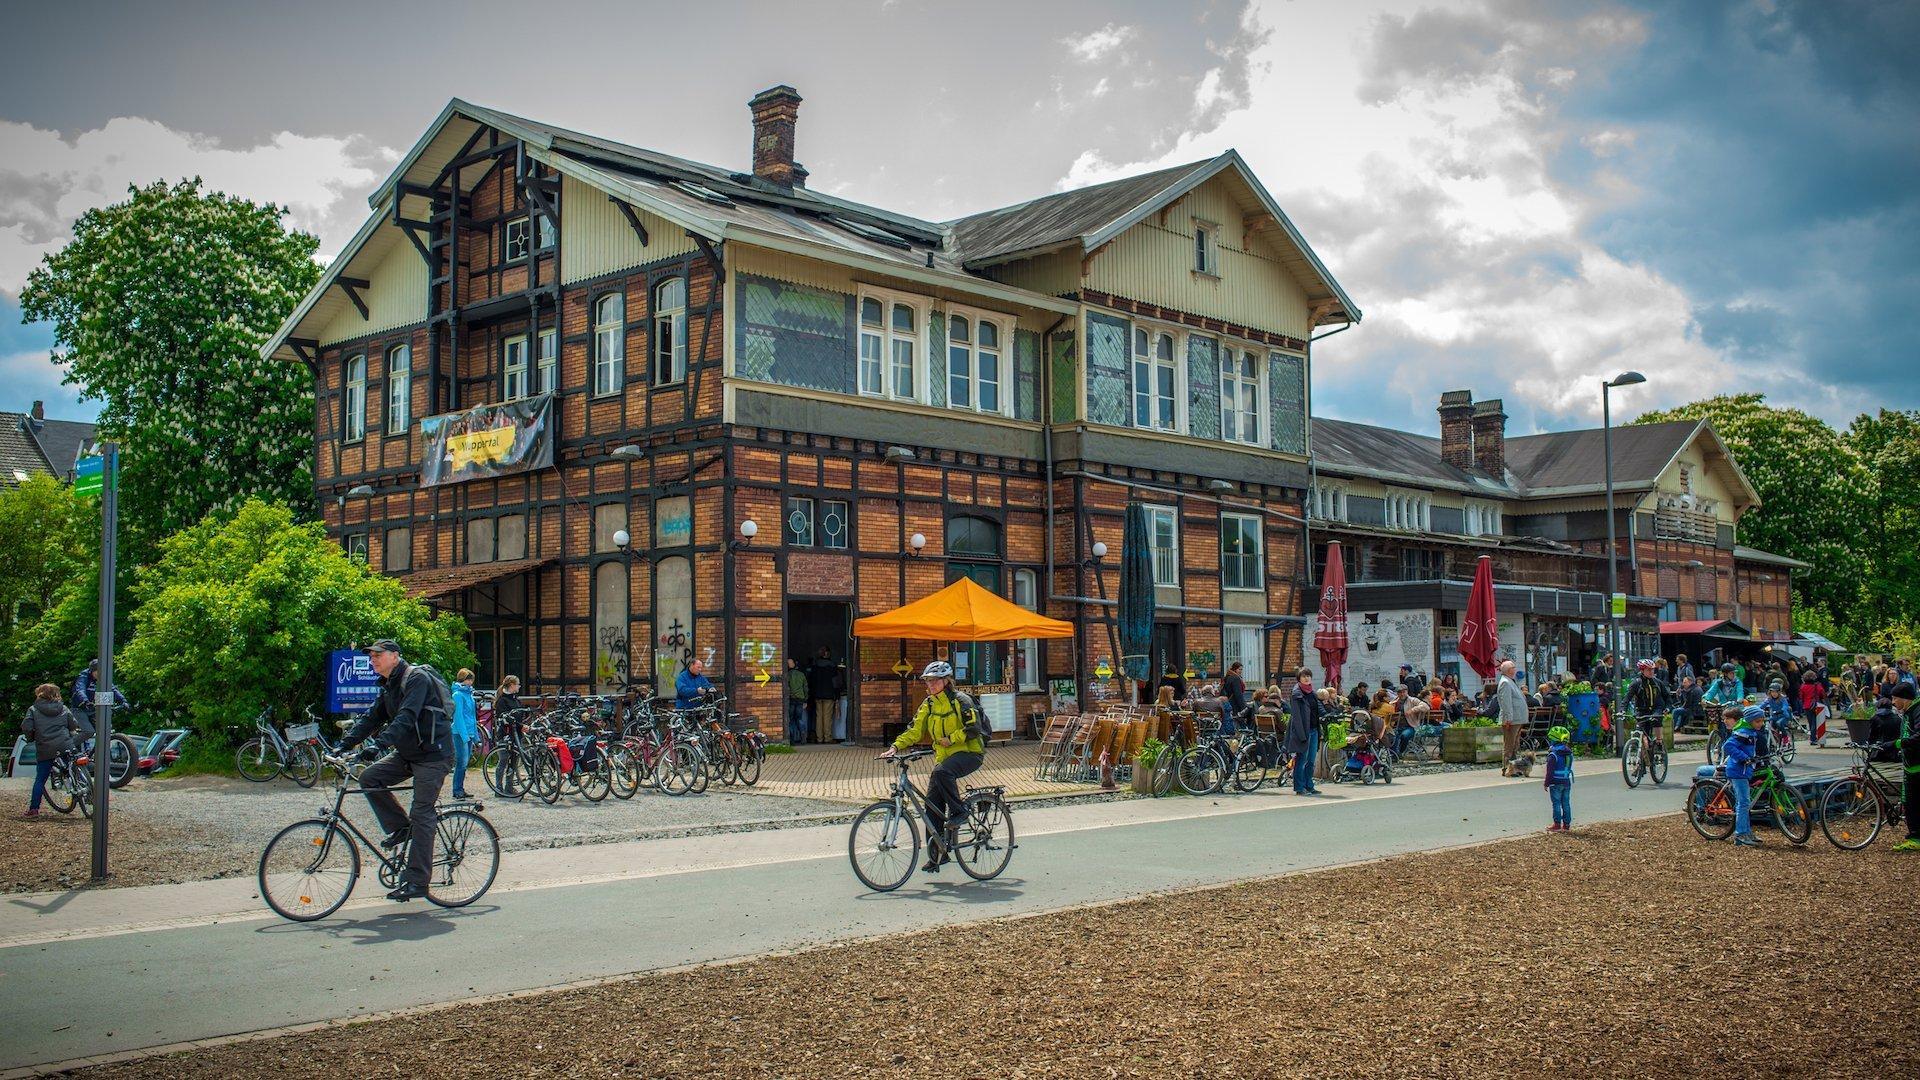 Ein Fachwerkhaus, vor dem Fahrräder stehen und an dem Radfahrer vorbeikommen.